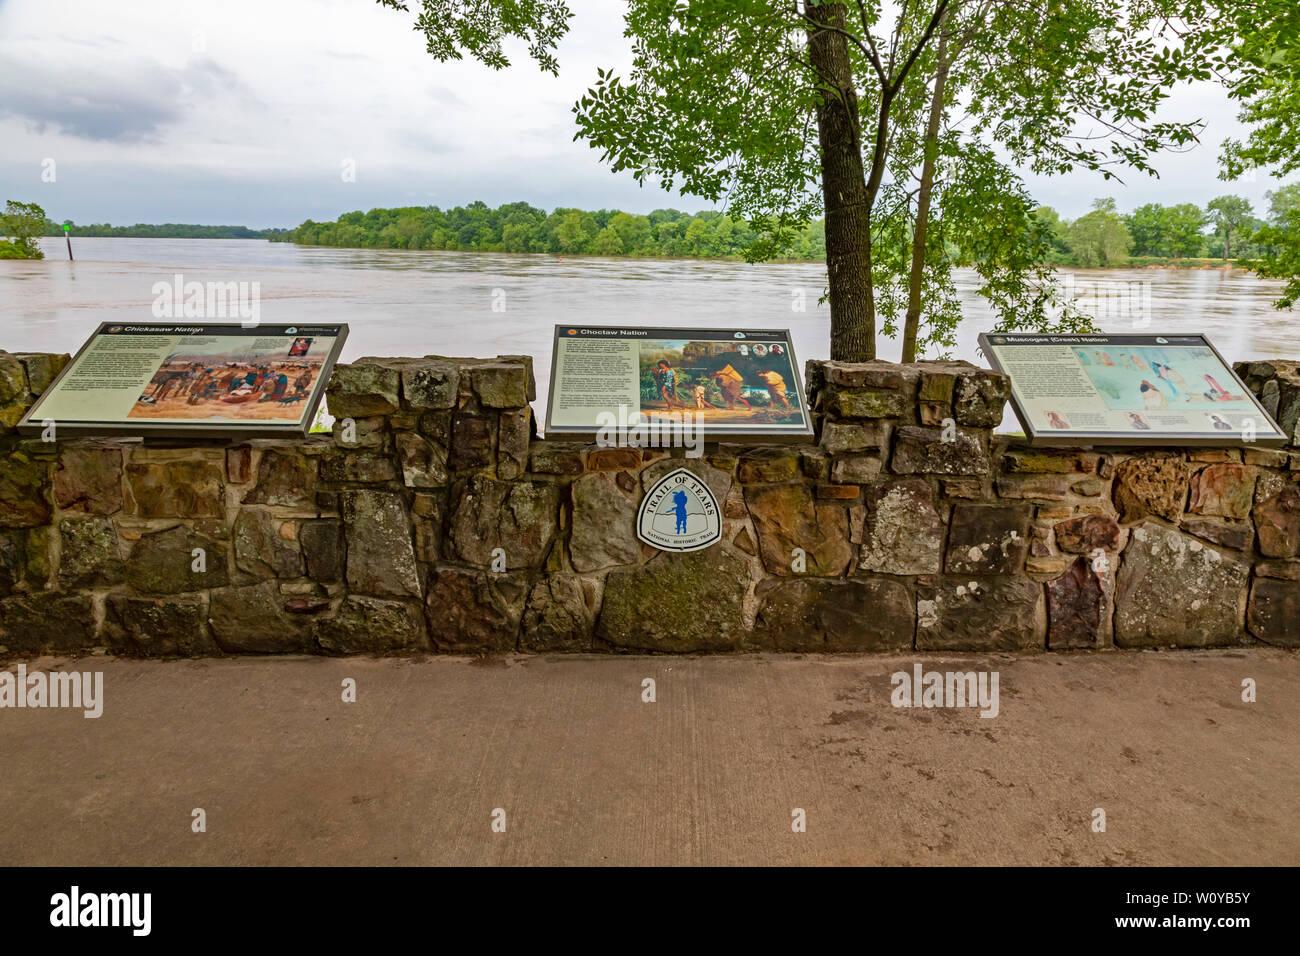 Fort Smith, Arkansas - Le sentier des larmes surplombent, regard vers New York sur la rivière Arkansas à Fort Smith National Historic Site. Des milliers o Banque D'Images